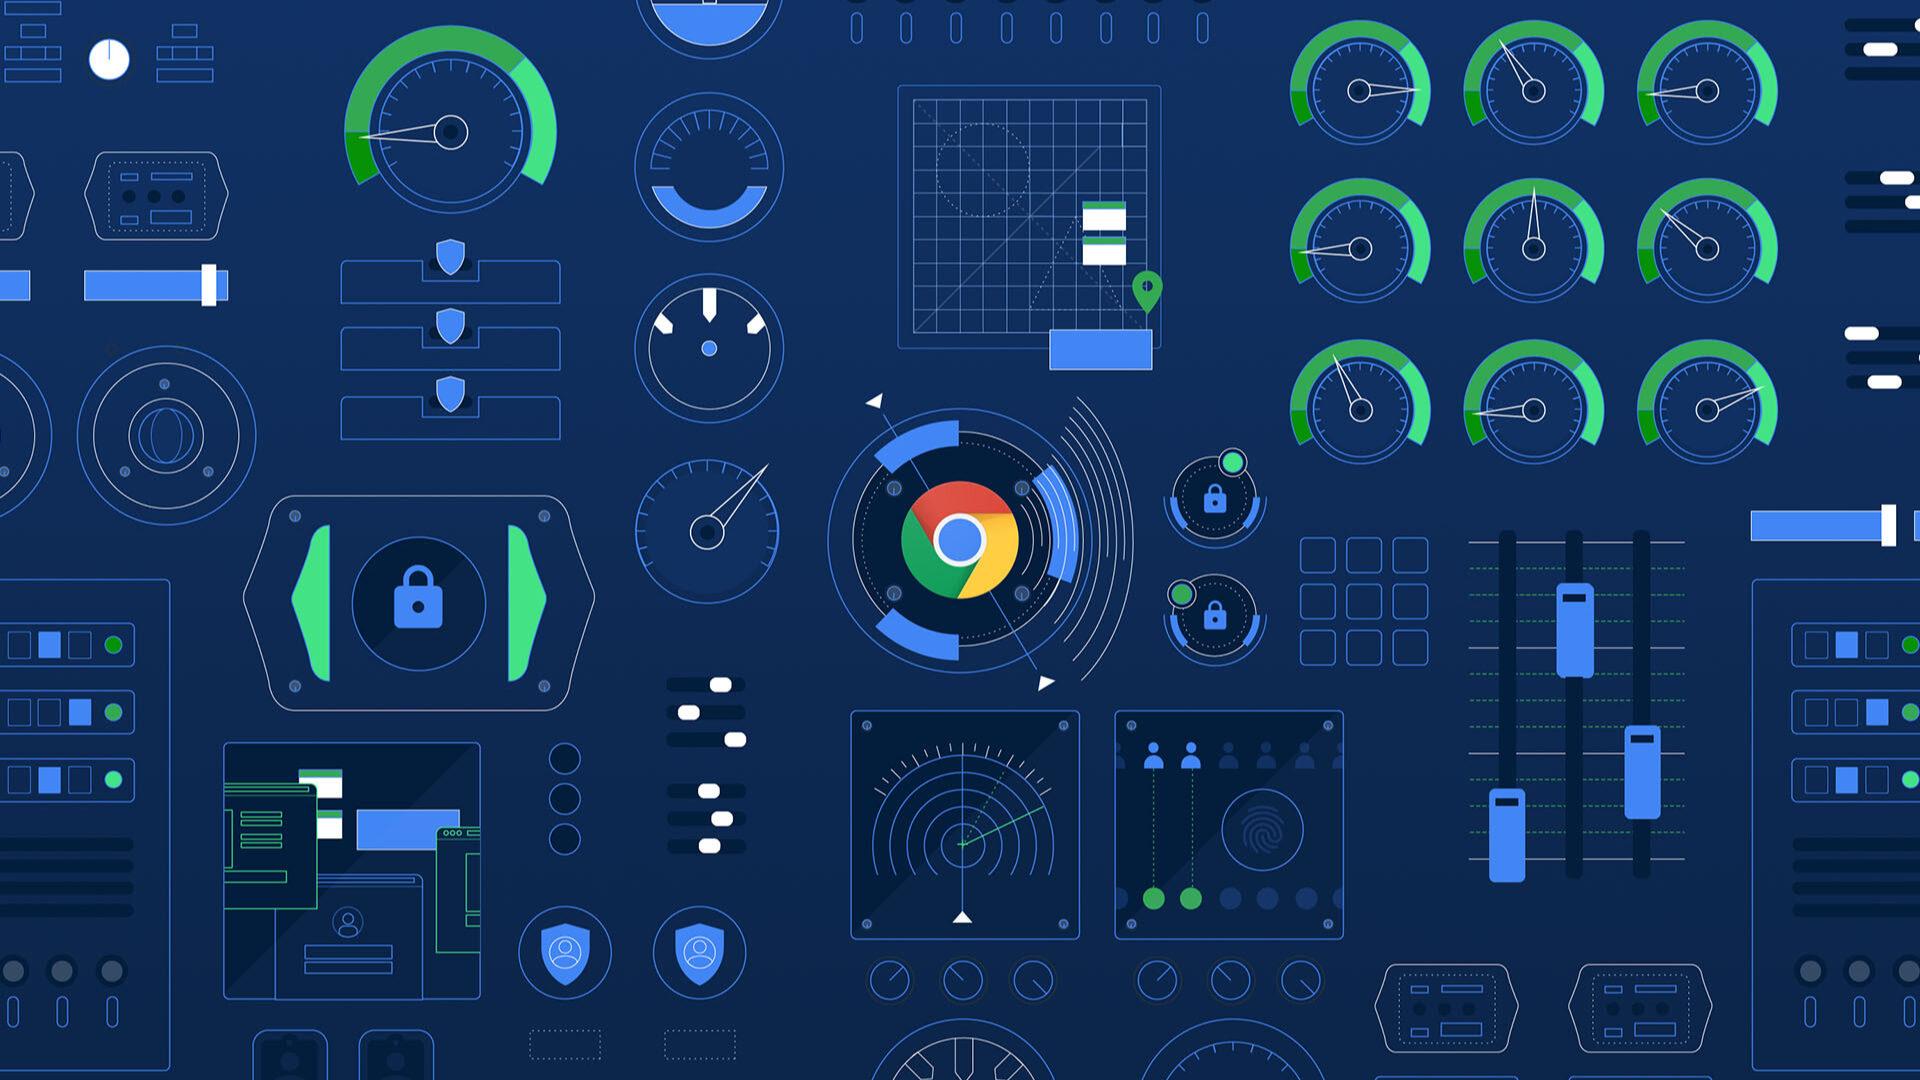 Google trouvait qu'il ne faisait pas évoluer Chrome assez vite. Ça va changer - Numerama